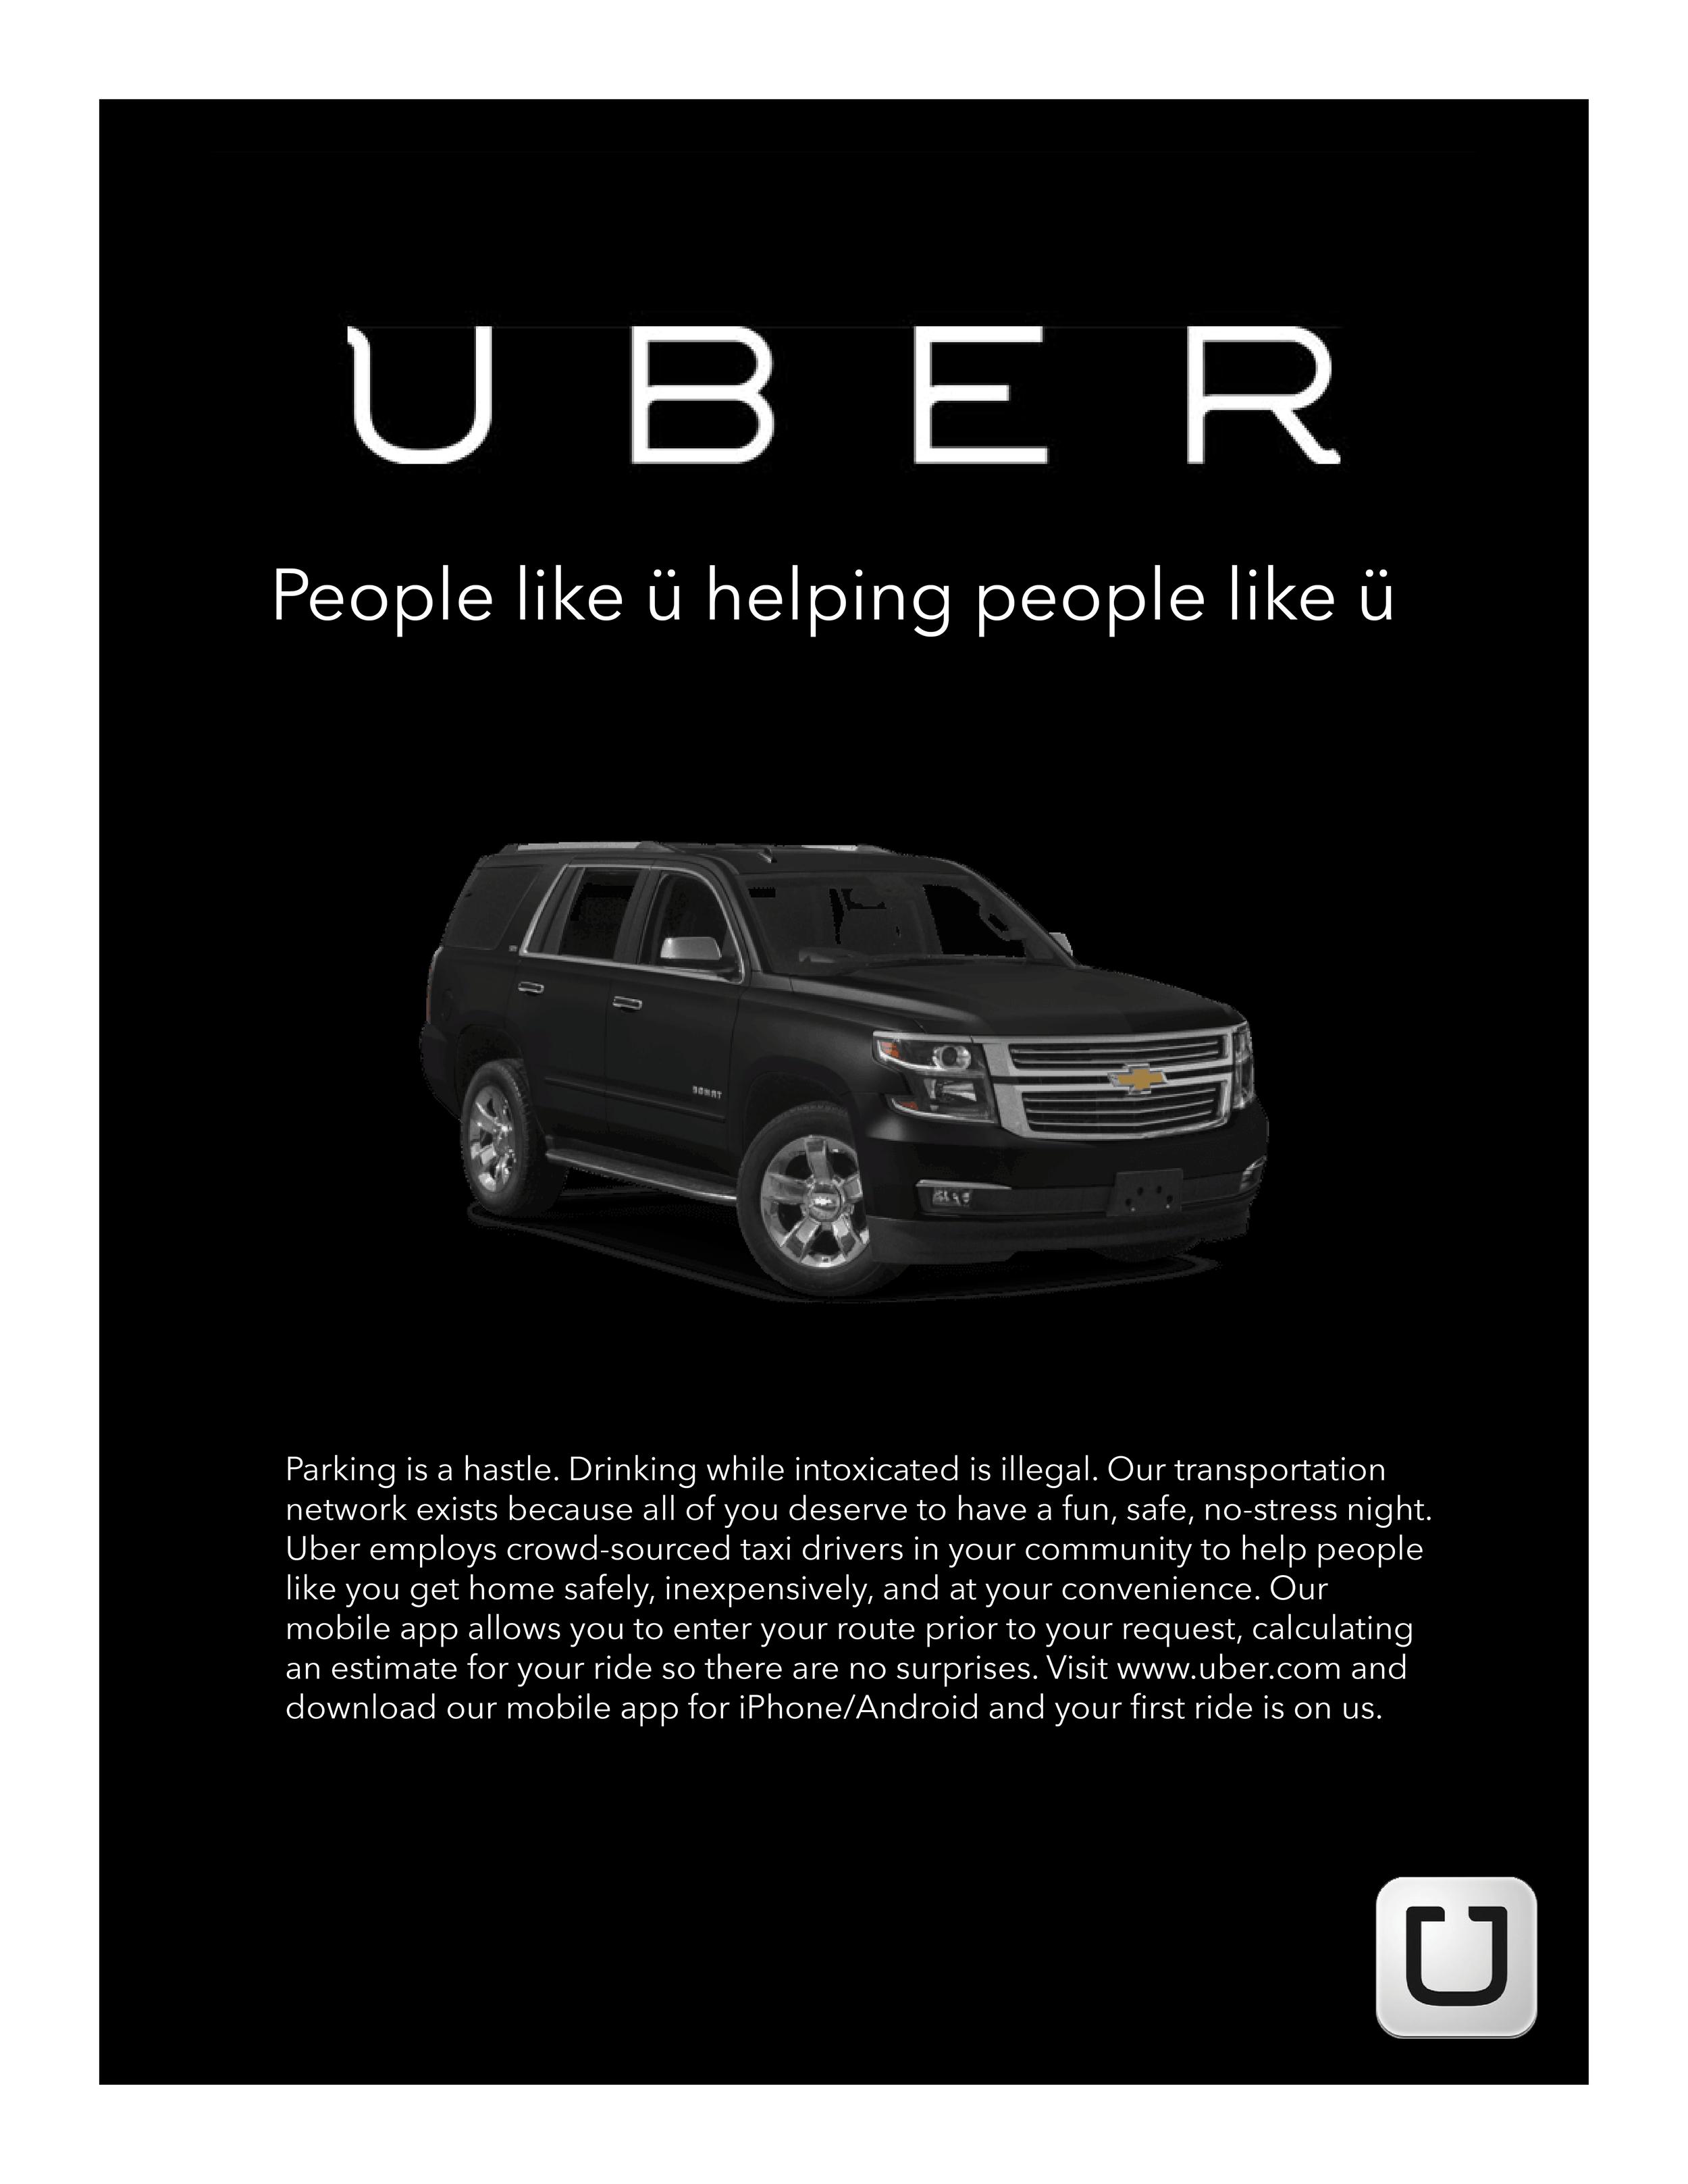 Uber_ad1_likeU.png